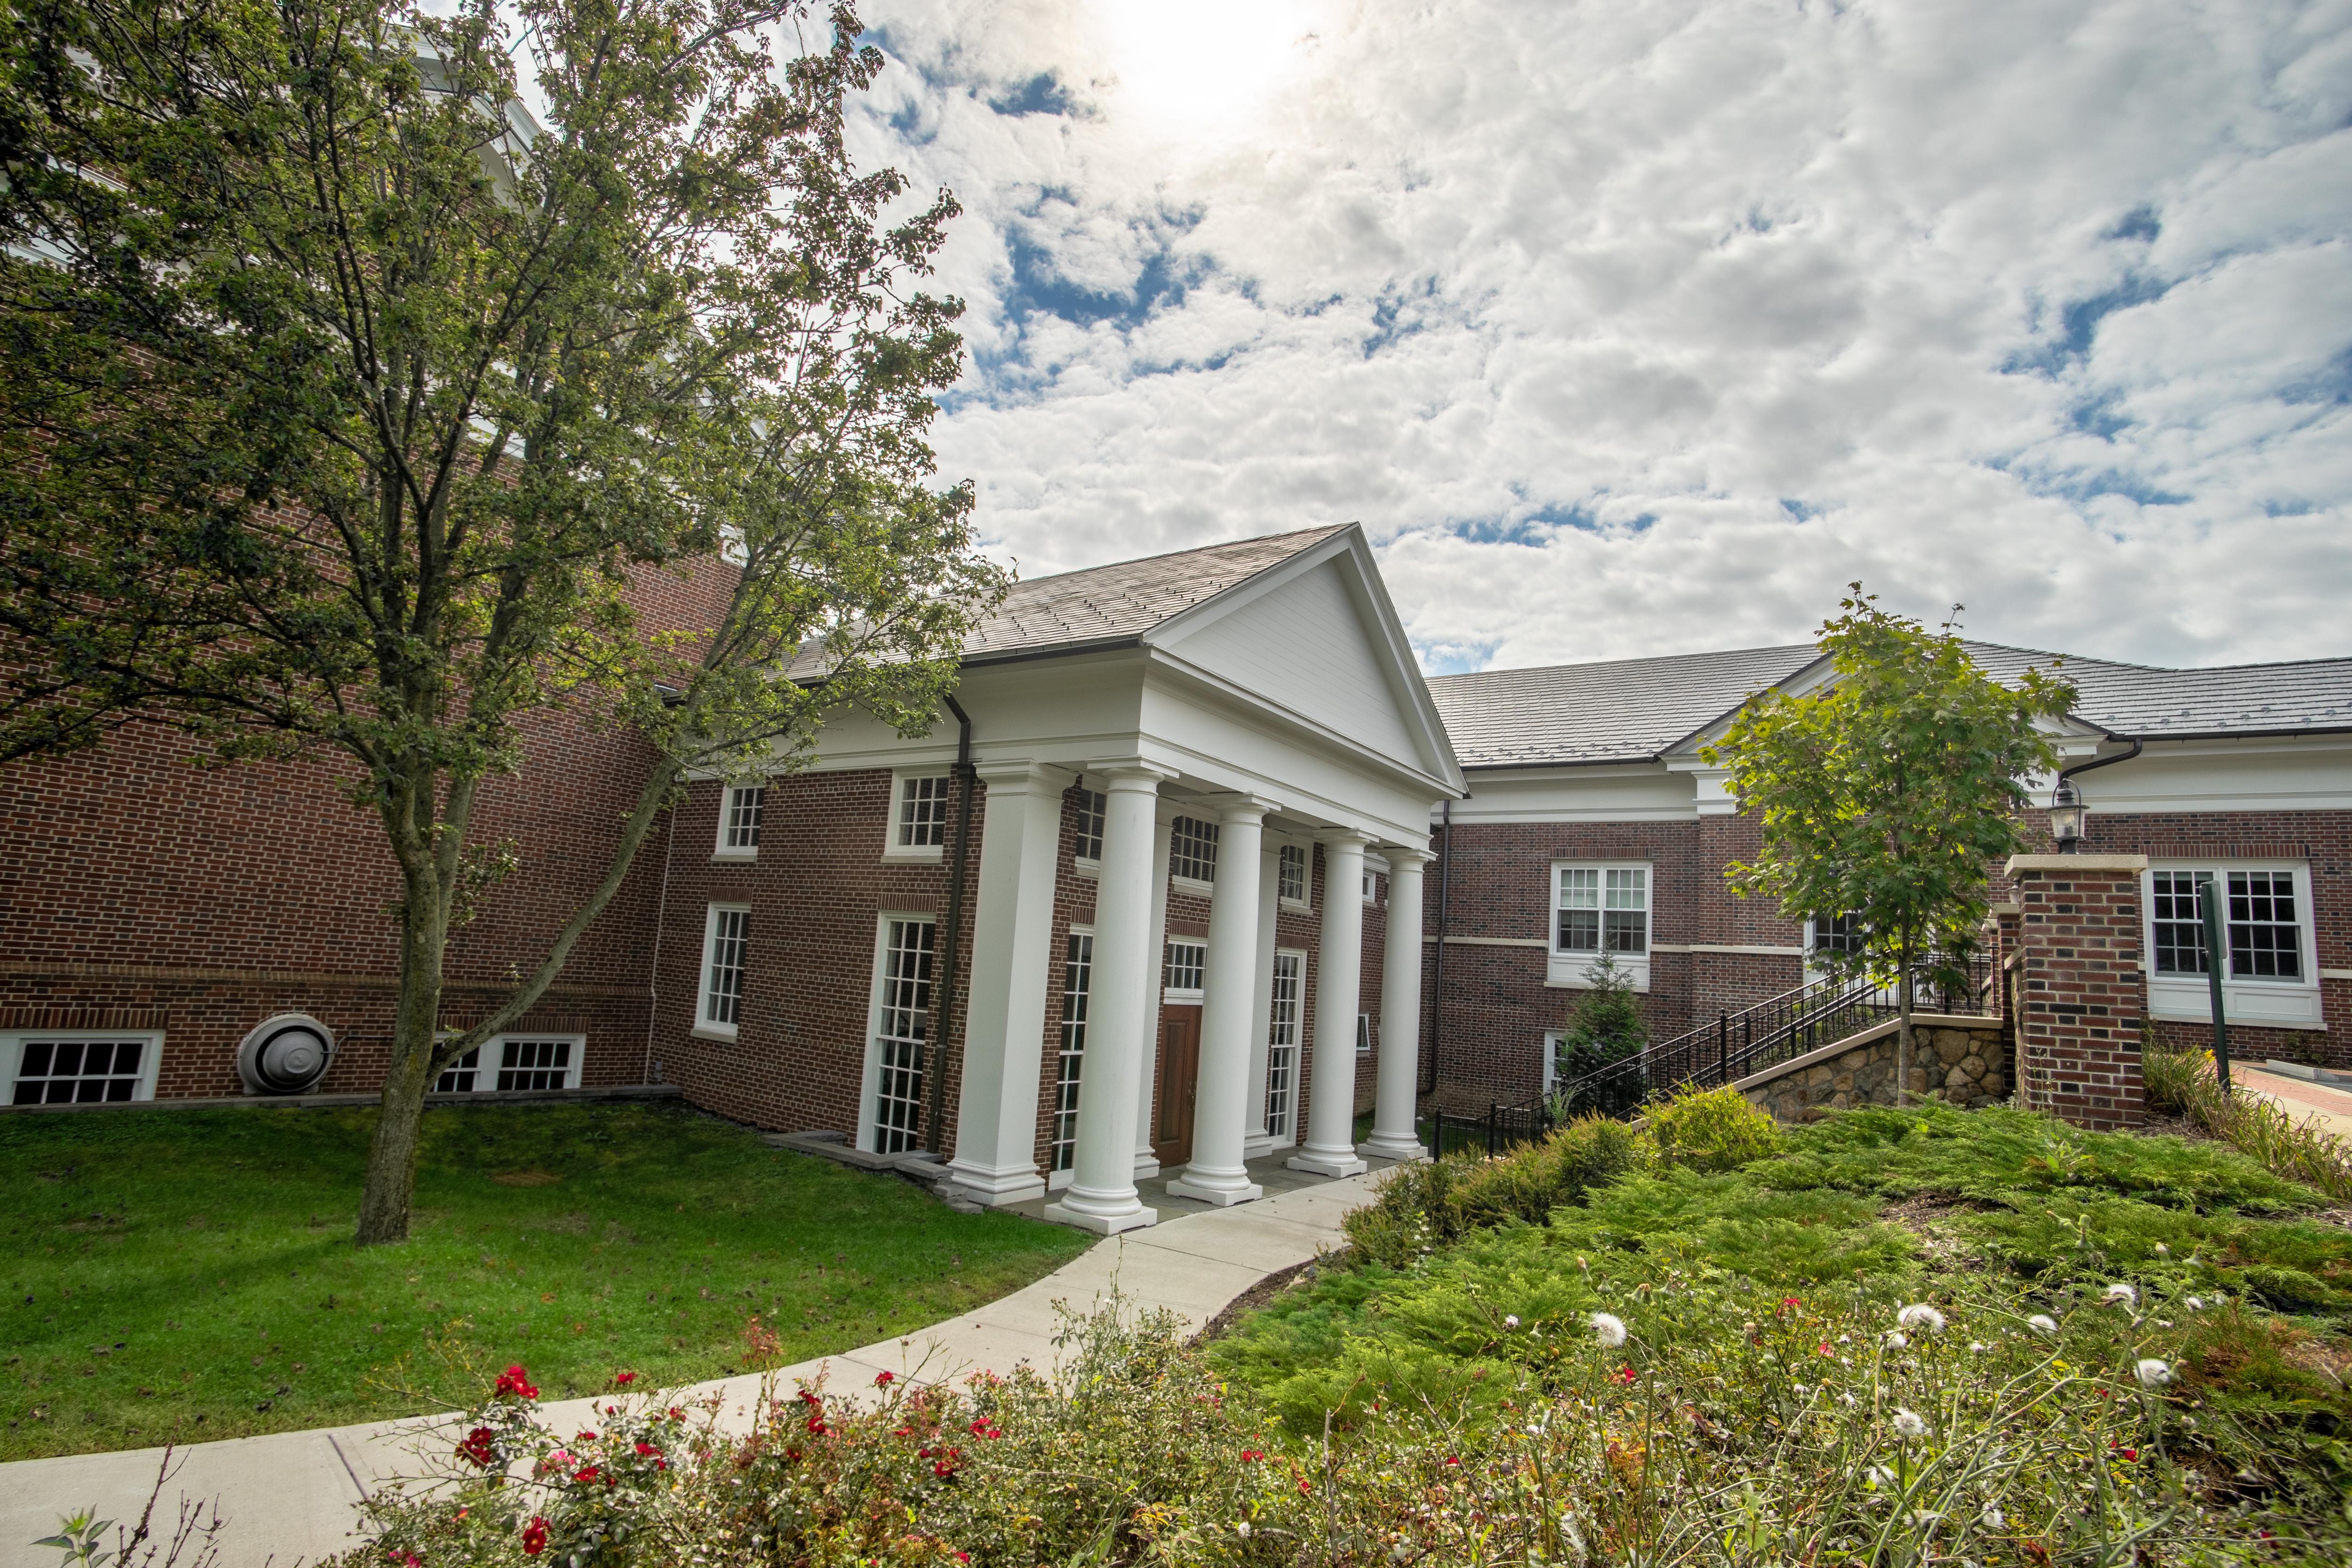 Noroton Presbyterian Church